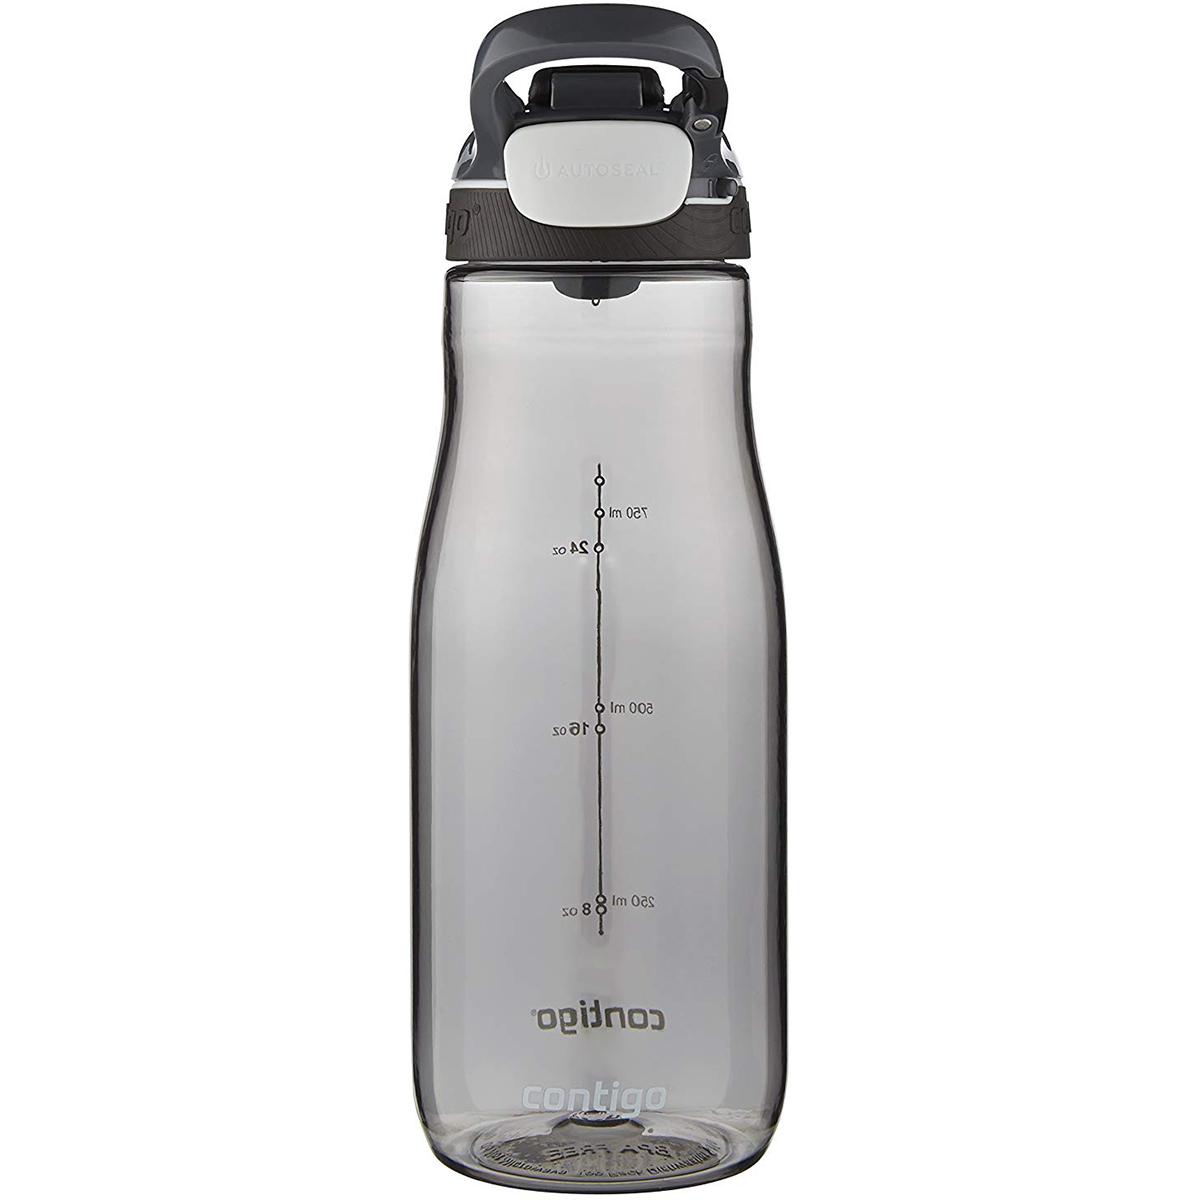 Grace Autoseal bouteille d/'eau environ 907.17 g Contigo 32 oz